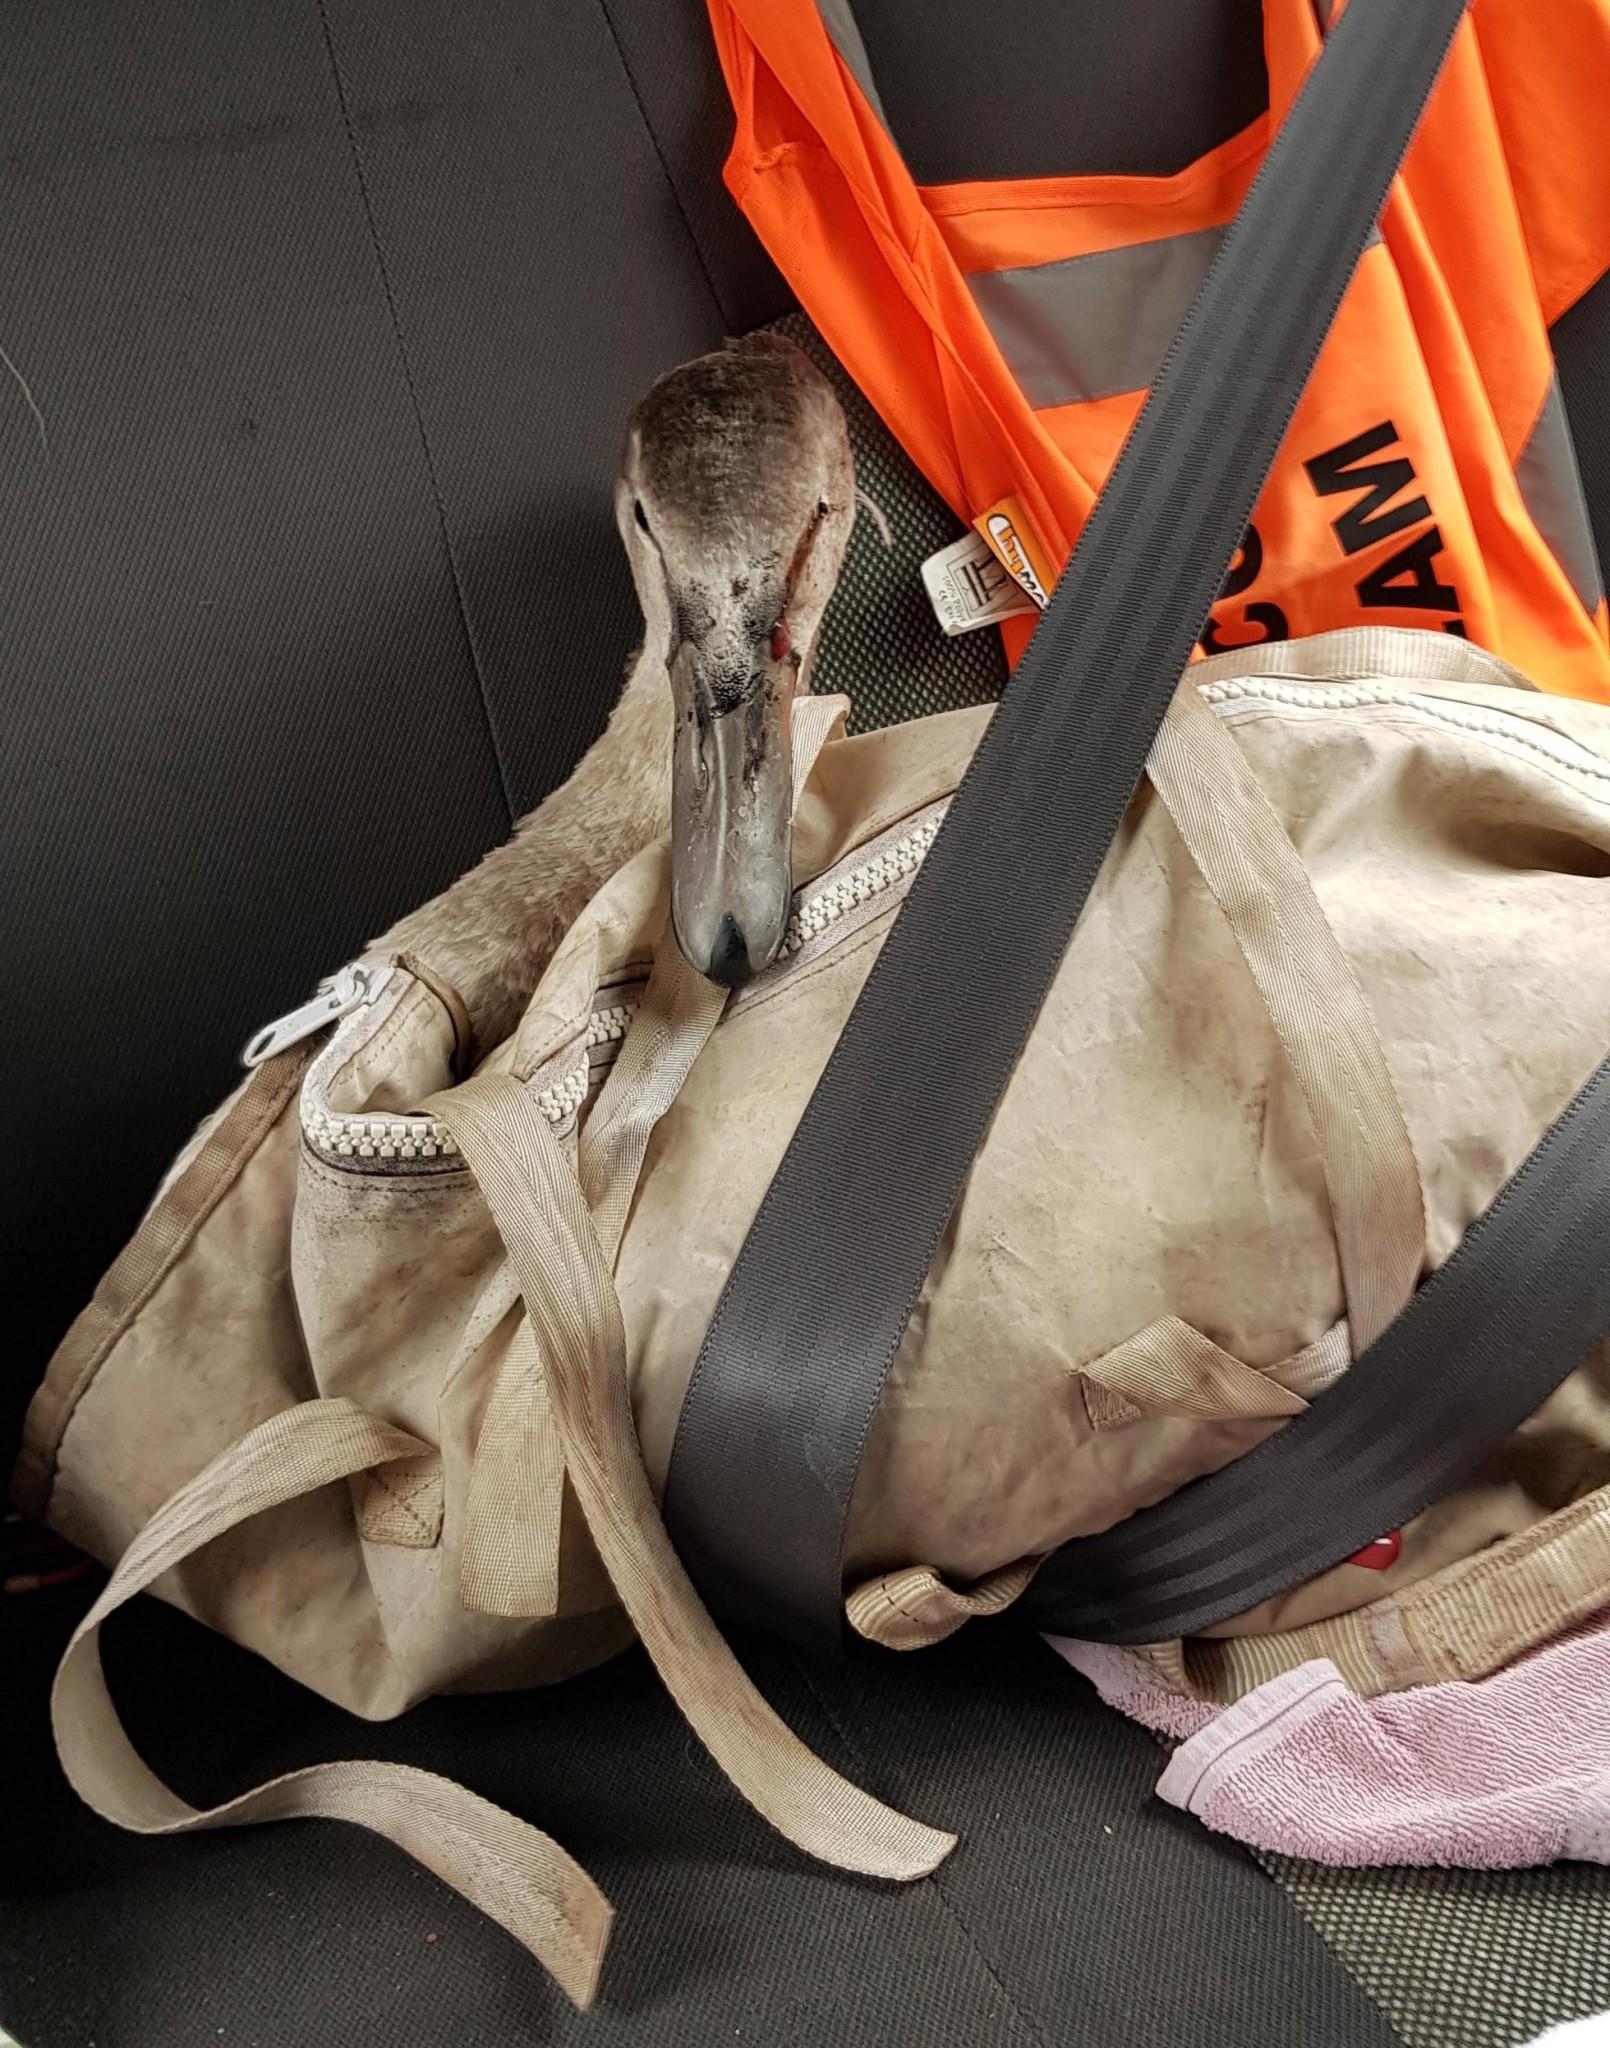 Motorway crash survivor ready to travel